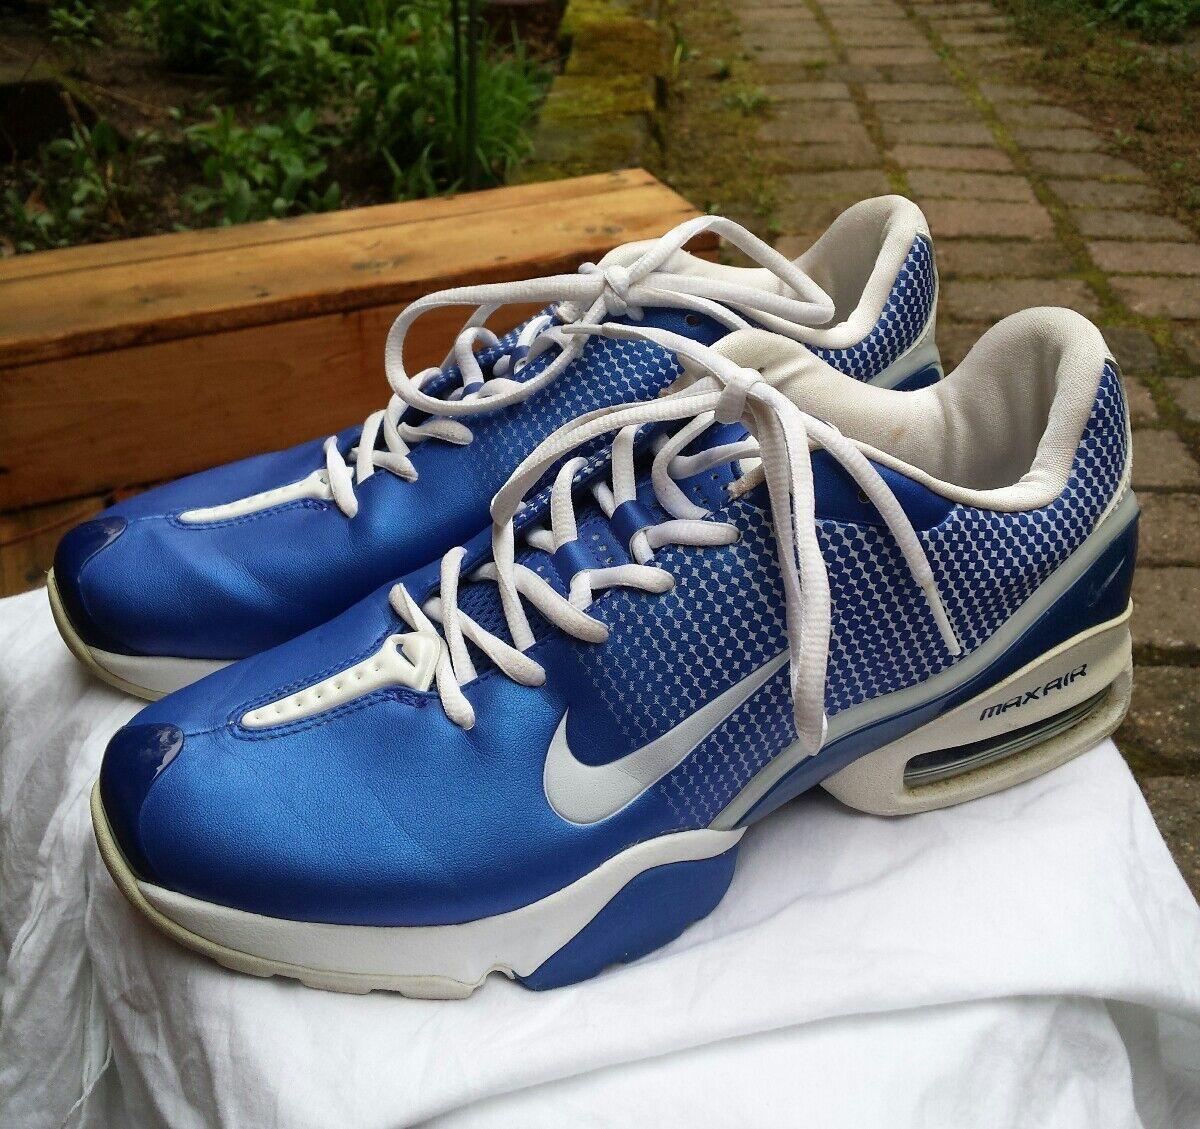 Nike 2018 Air Max Electric Azul Athletic & Blanco Shoes Sports Athletic Azul corriendo nosotros 9.5 El mas popular de zapatos para hombres y mujeres c08f04